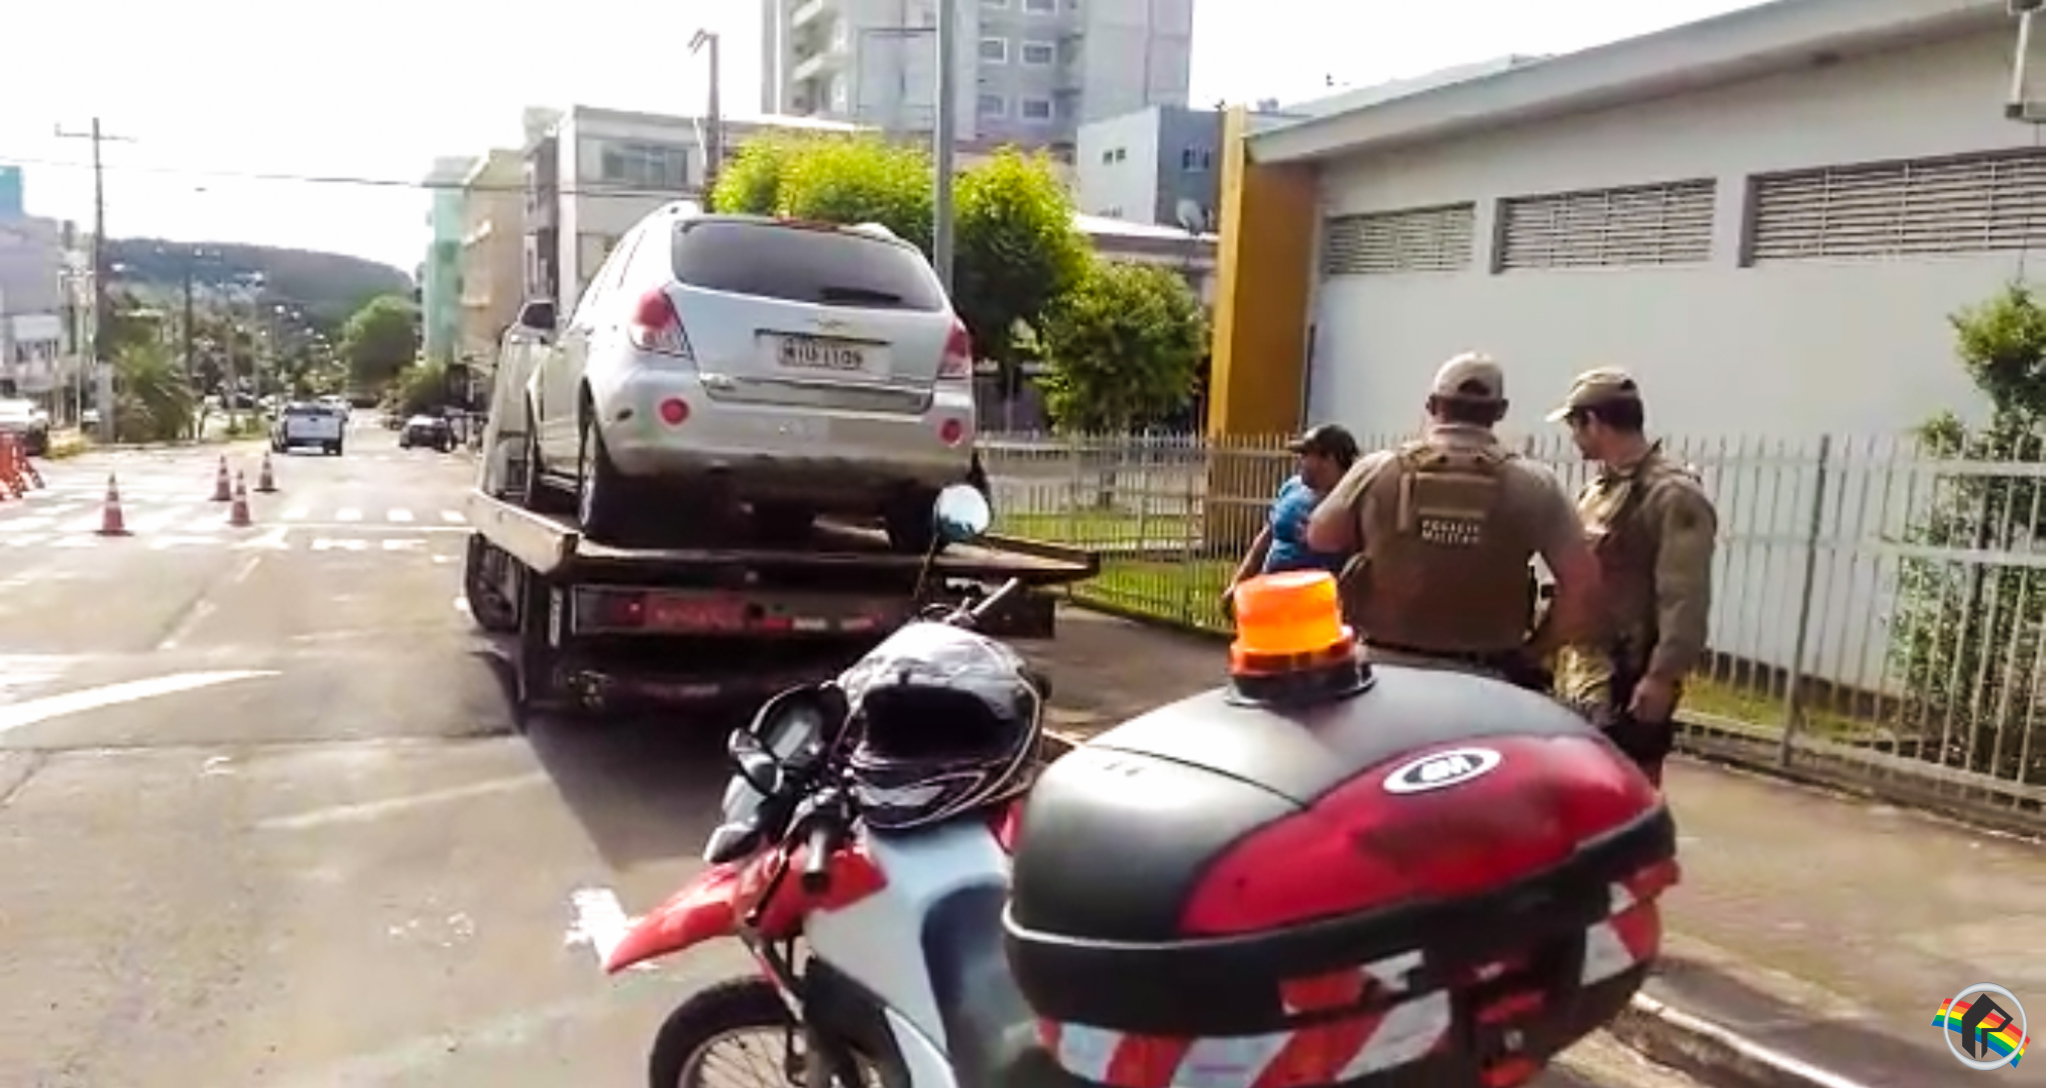 VÍDEO: Veículos sem alocação são multados e guinchados